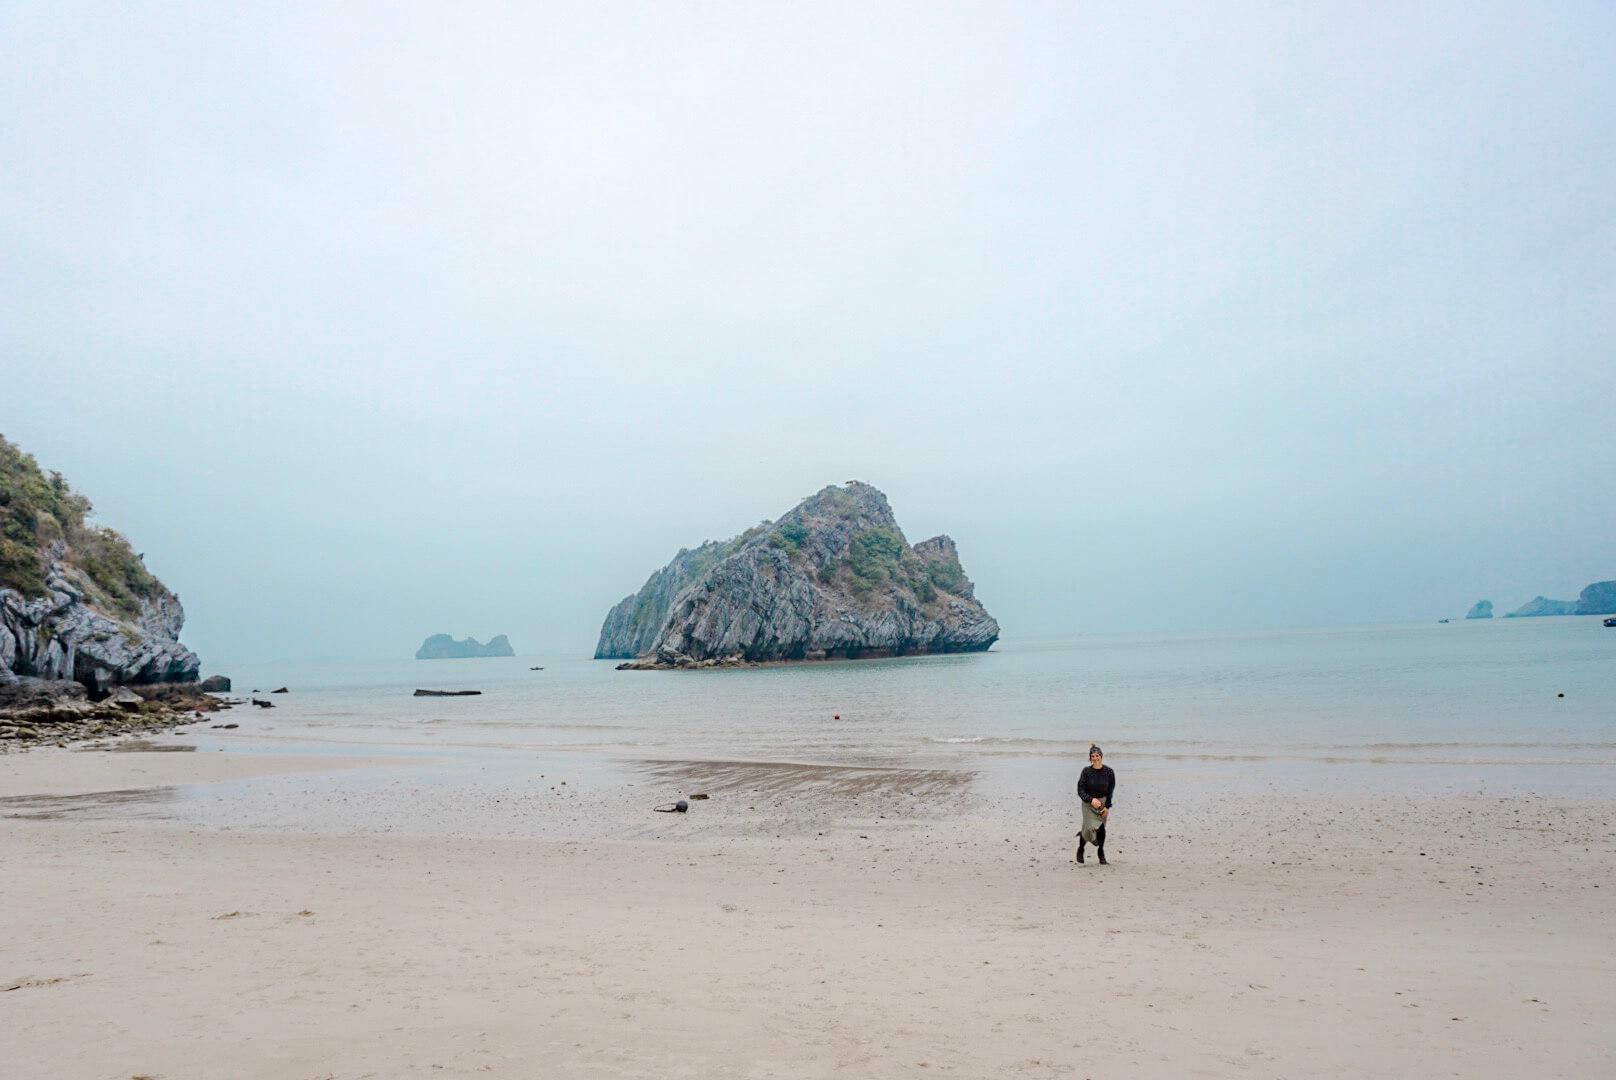 la baie de lan Ha Cat ba plage